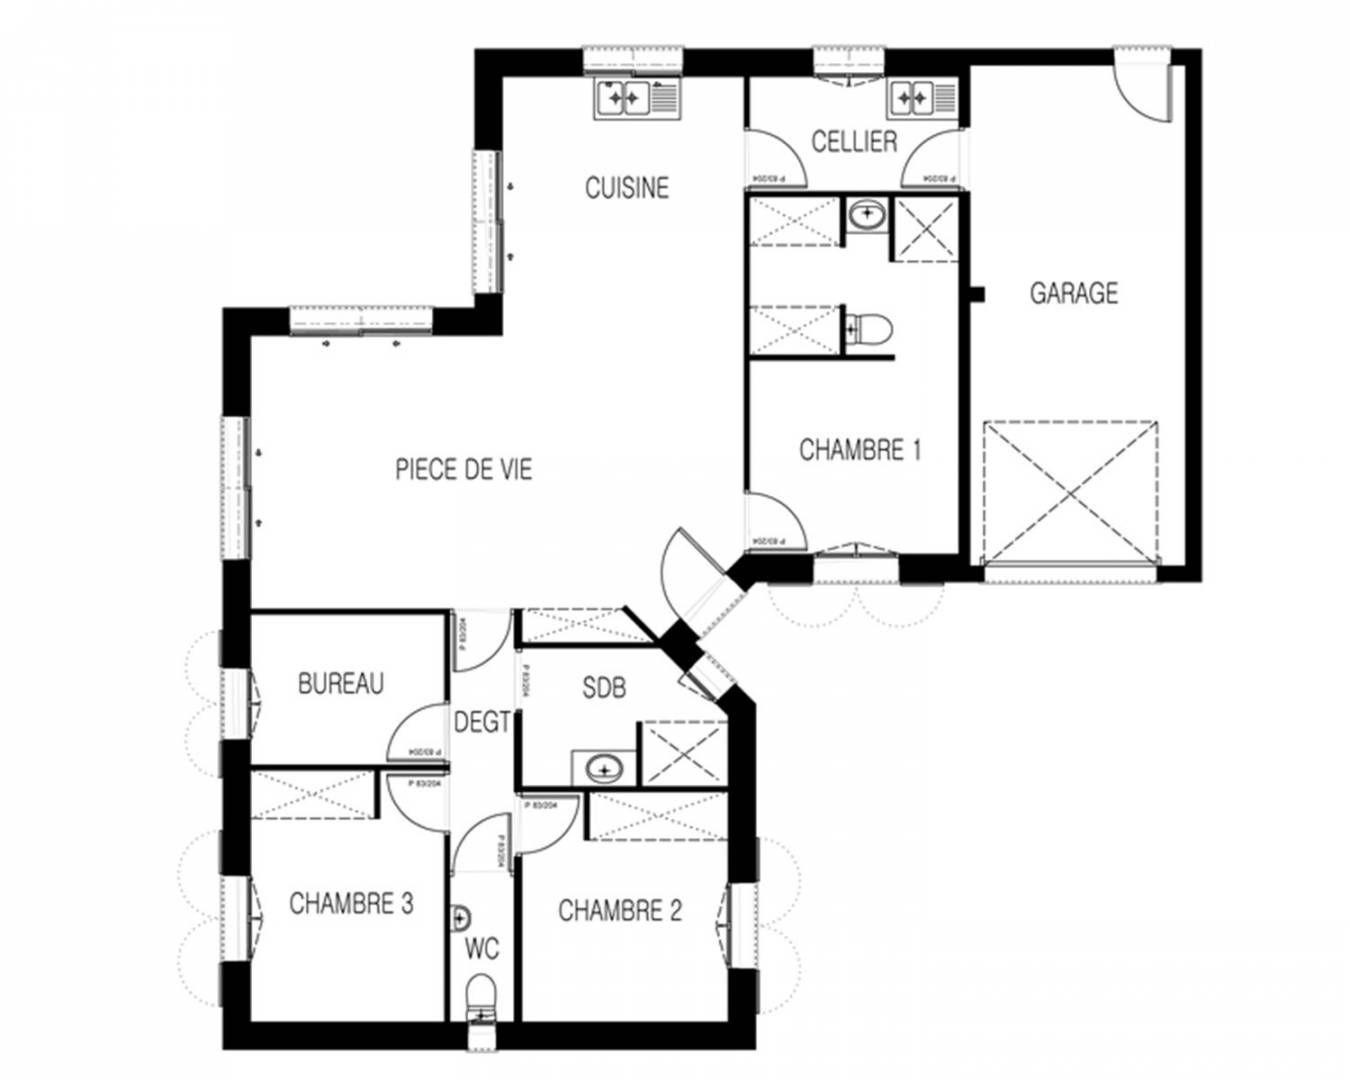 plan de maison iveco